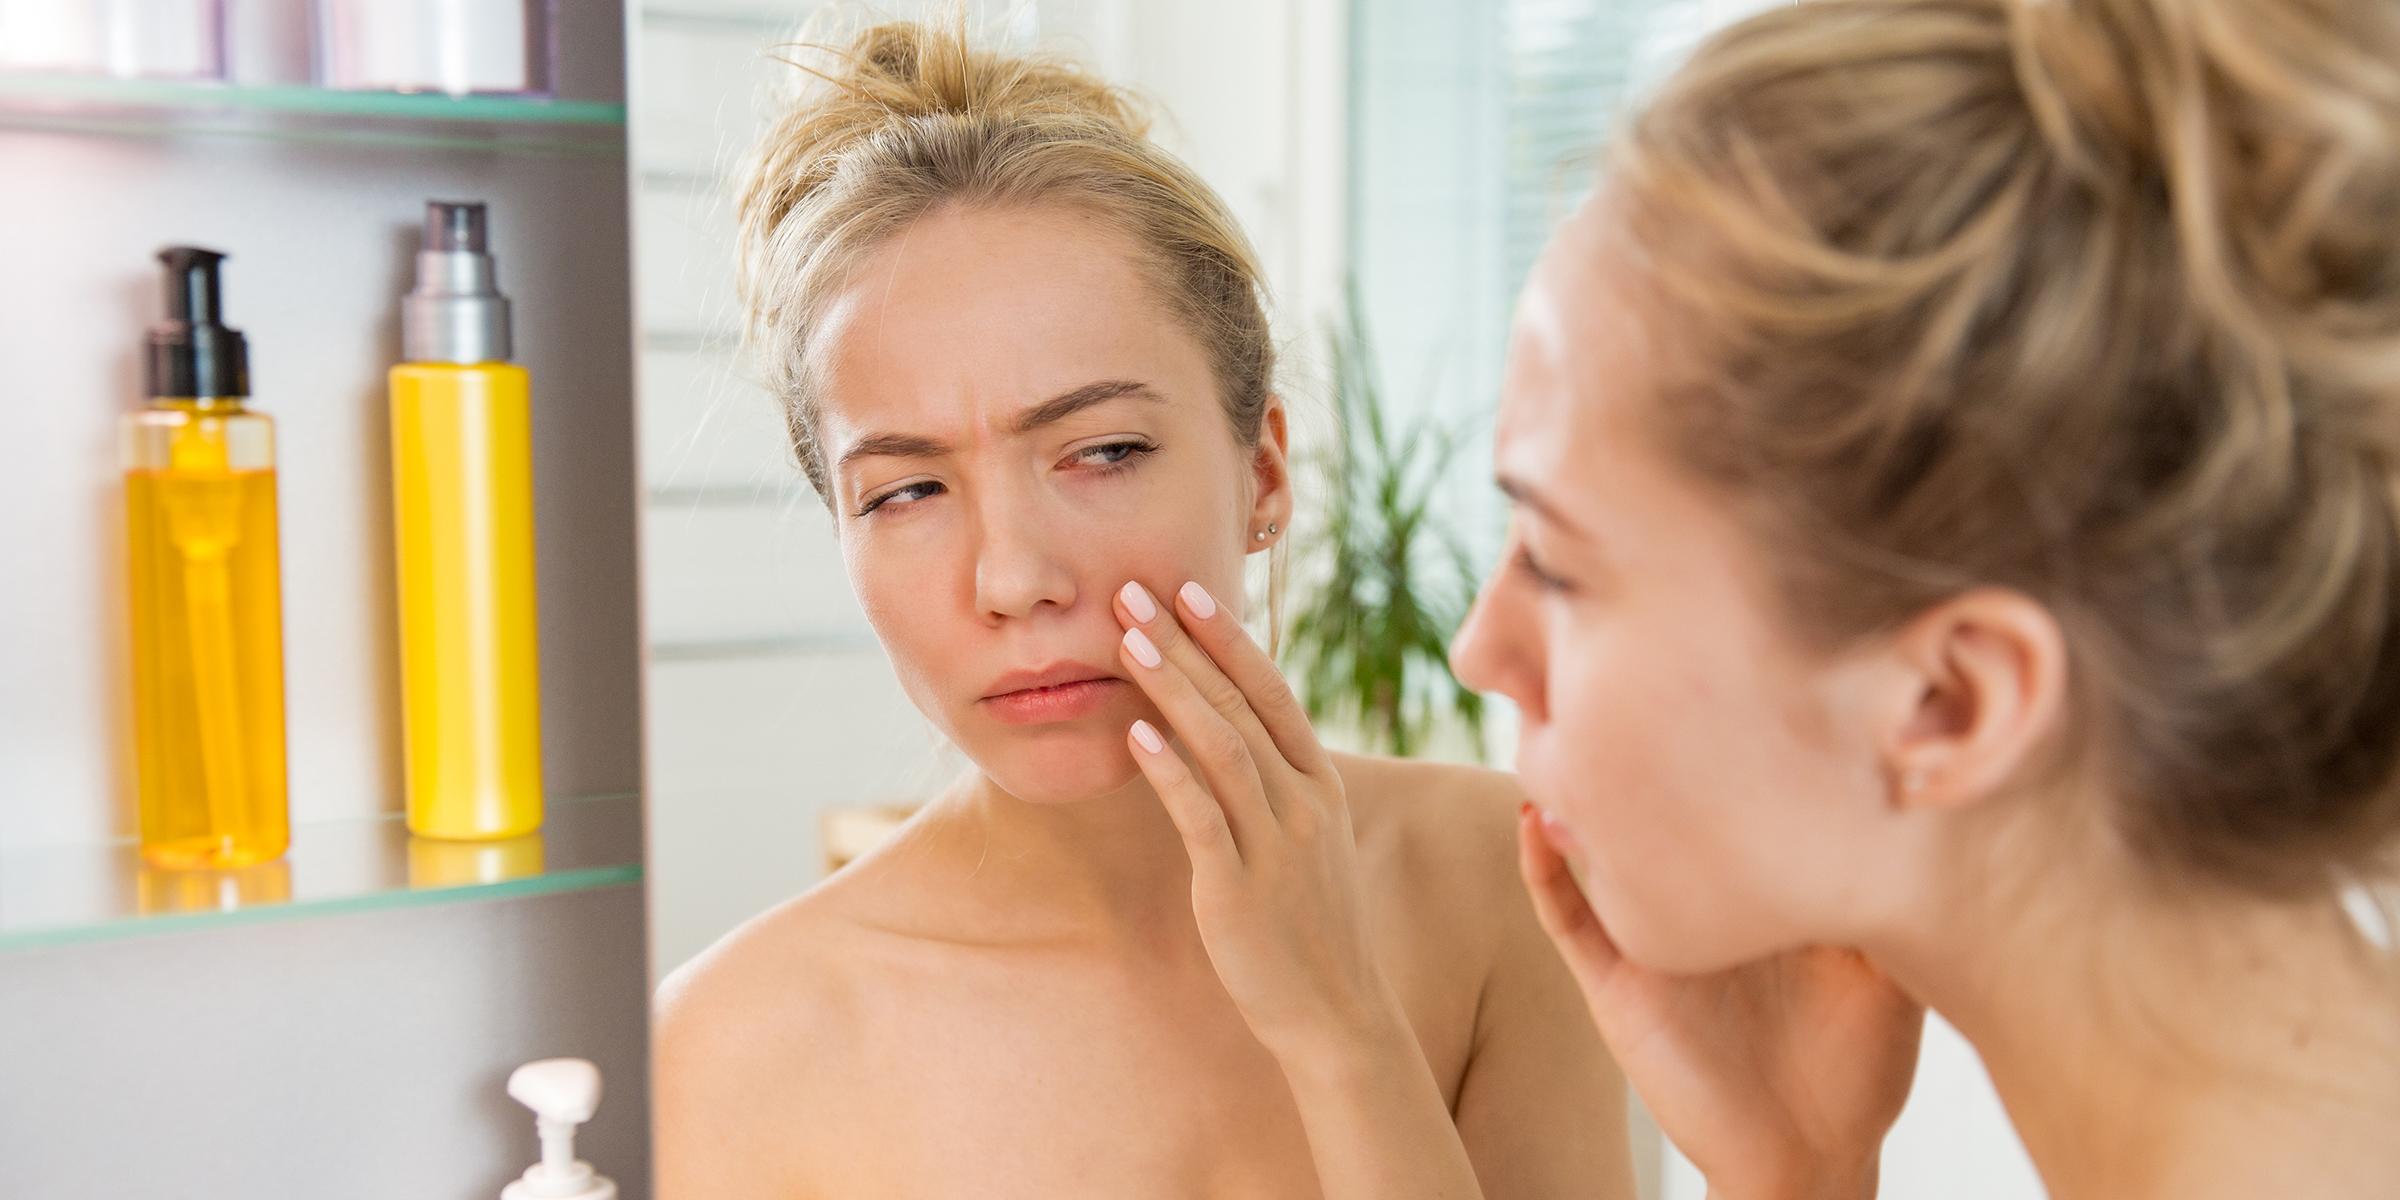 rosacea furthermore seborrheic dermatitis diet